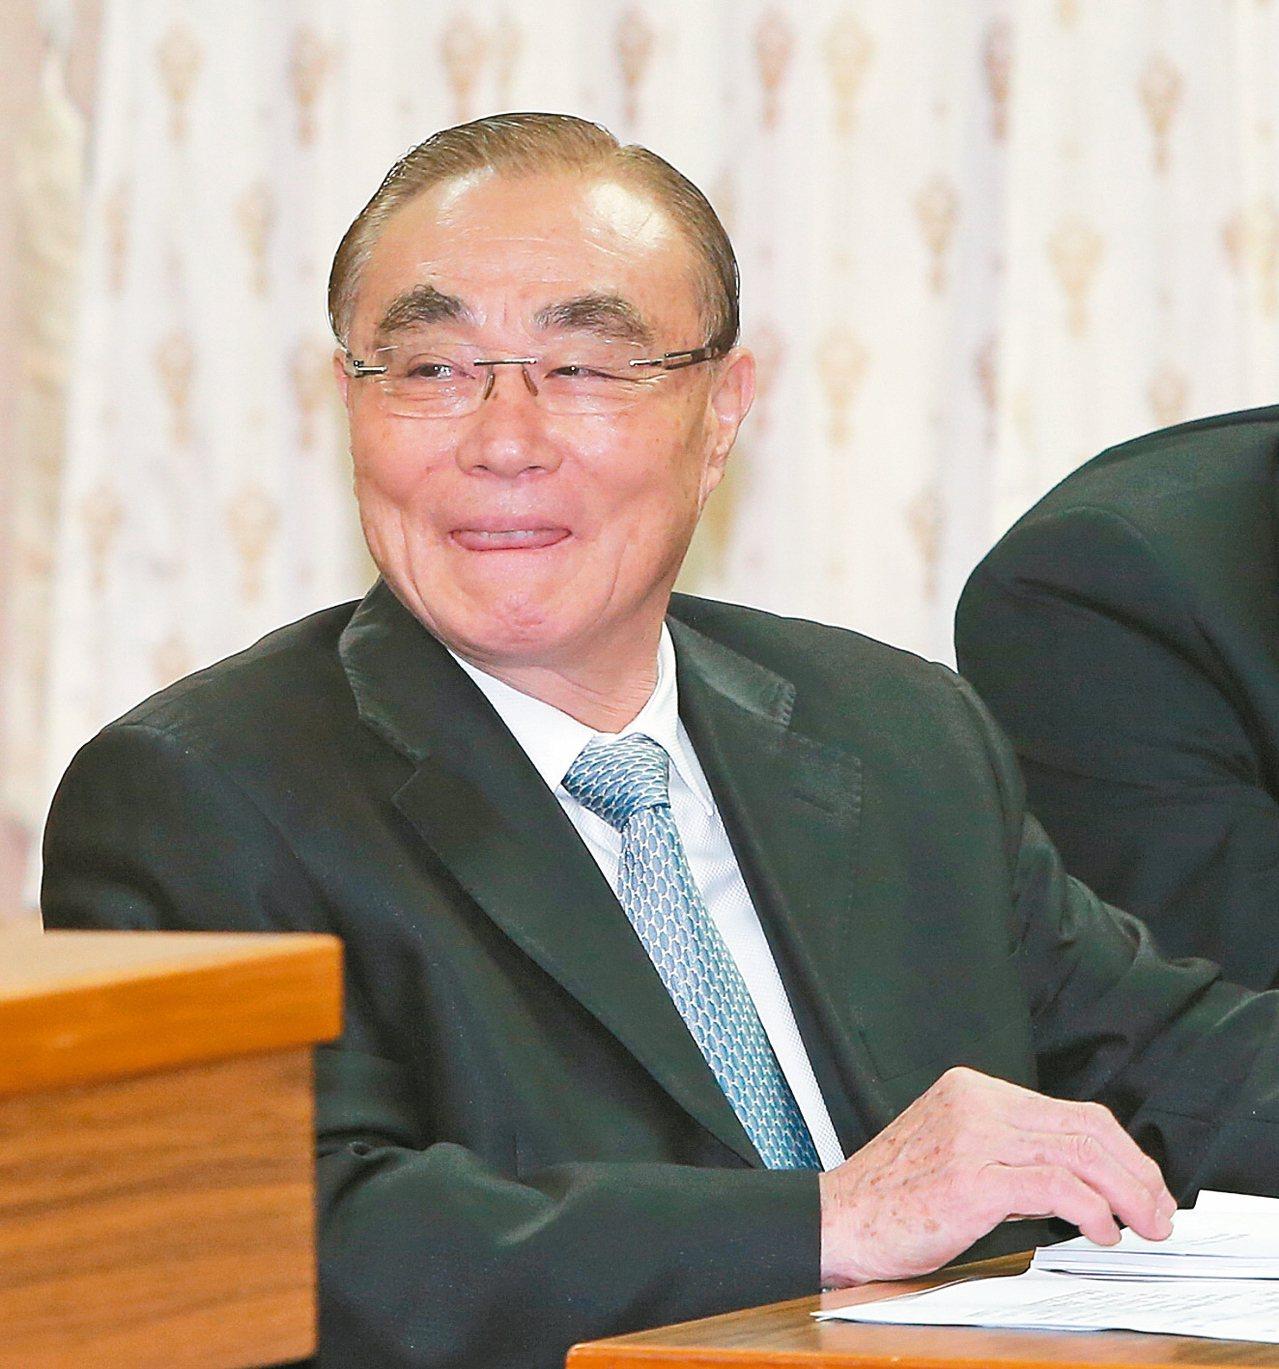 國防部長馮世寬昨天表示,力爭明年國防預算接近GDP的百分之三。 記者程宜華/攝影